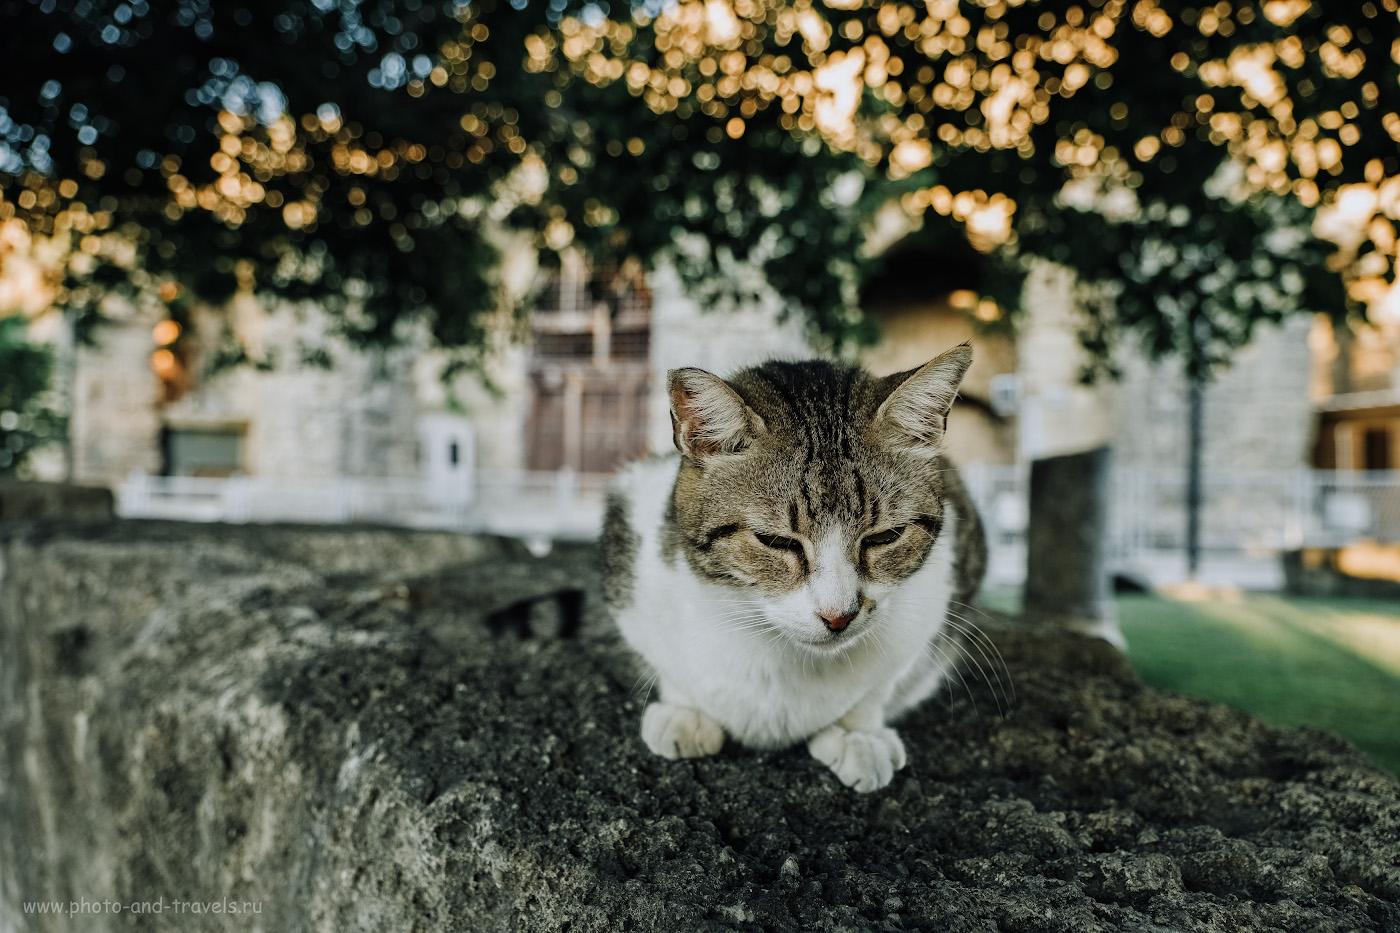 Фото 14. Кот, уставший слушать рассказы гидов об истории Сиде. 1/80, 2.8, 250, 17.